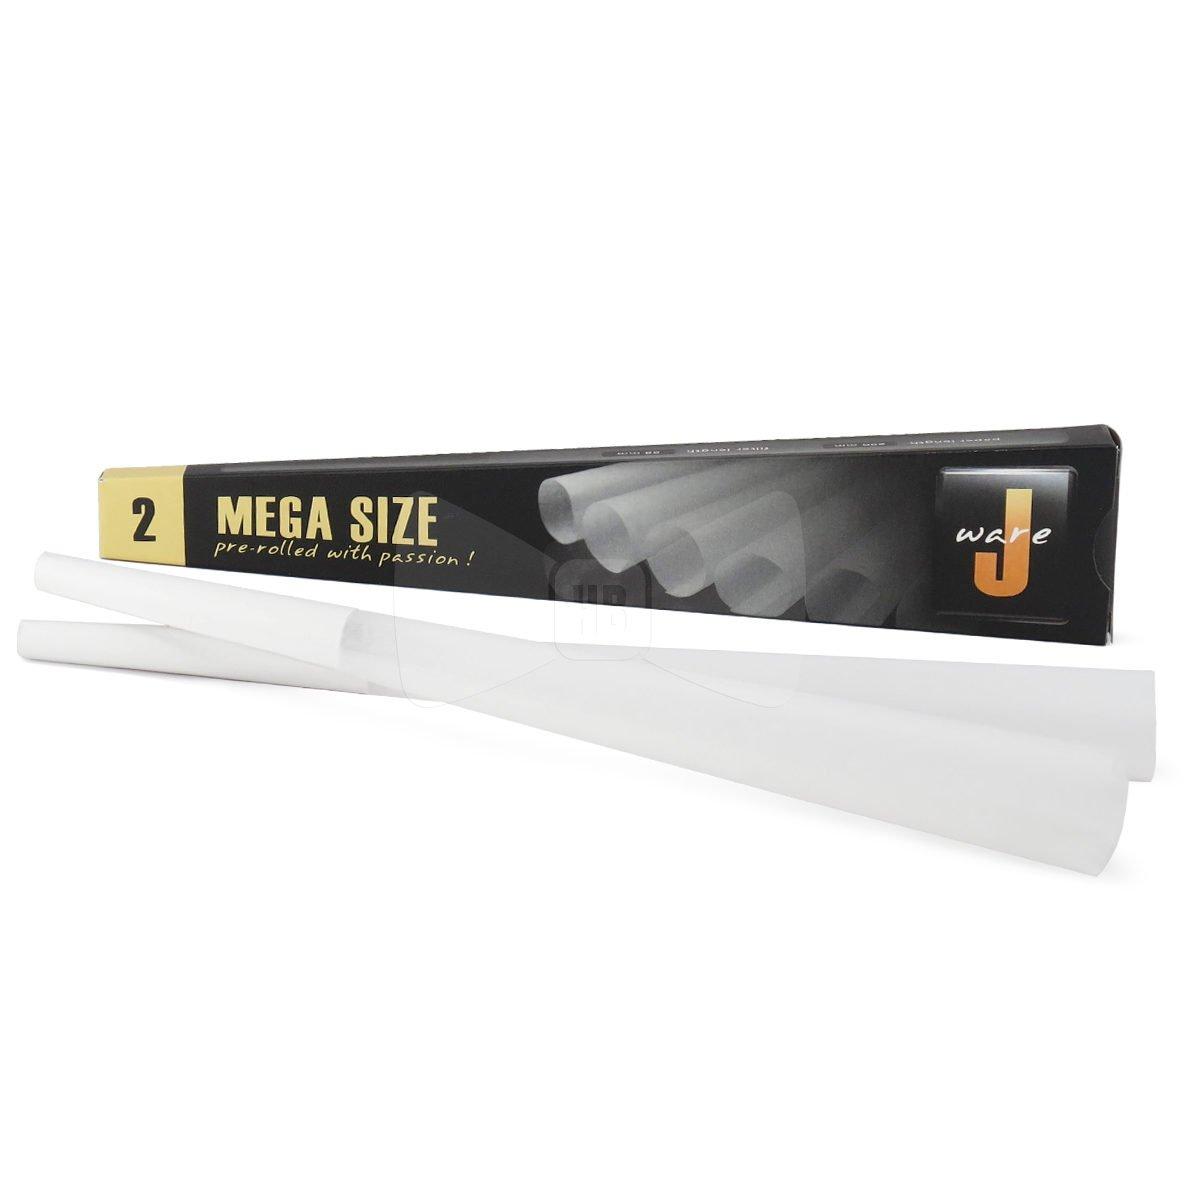 JWare Mega Size 280mm Cones Display Box